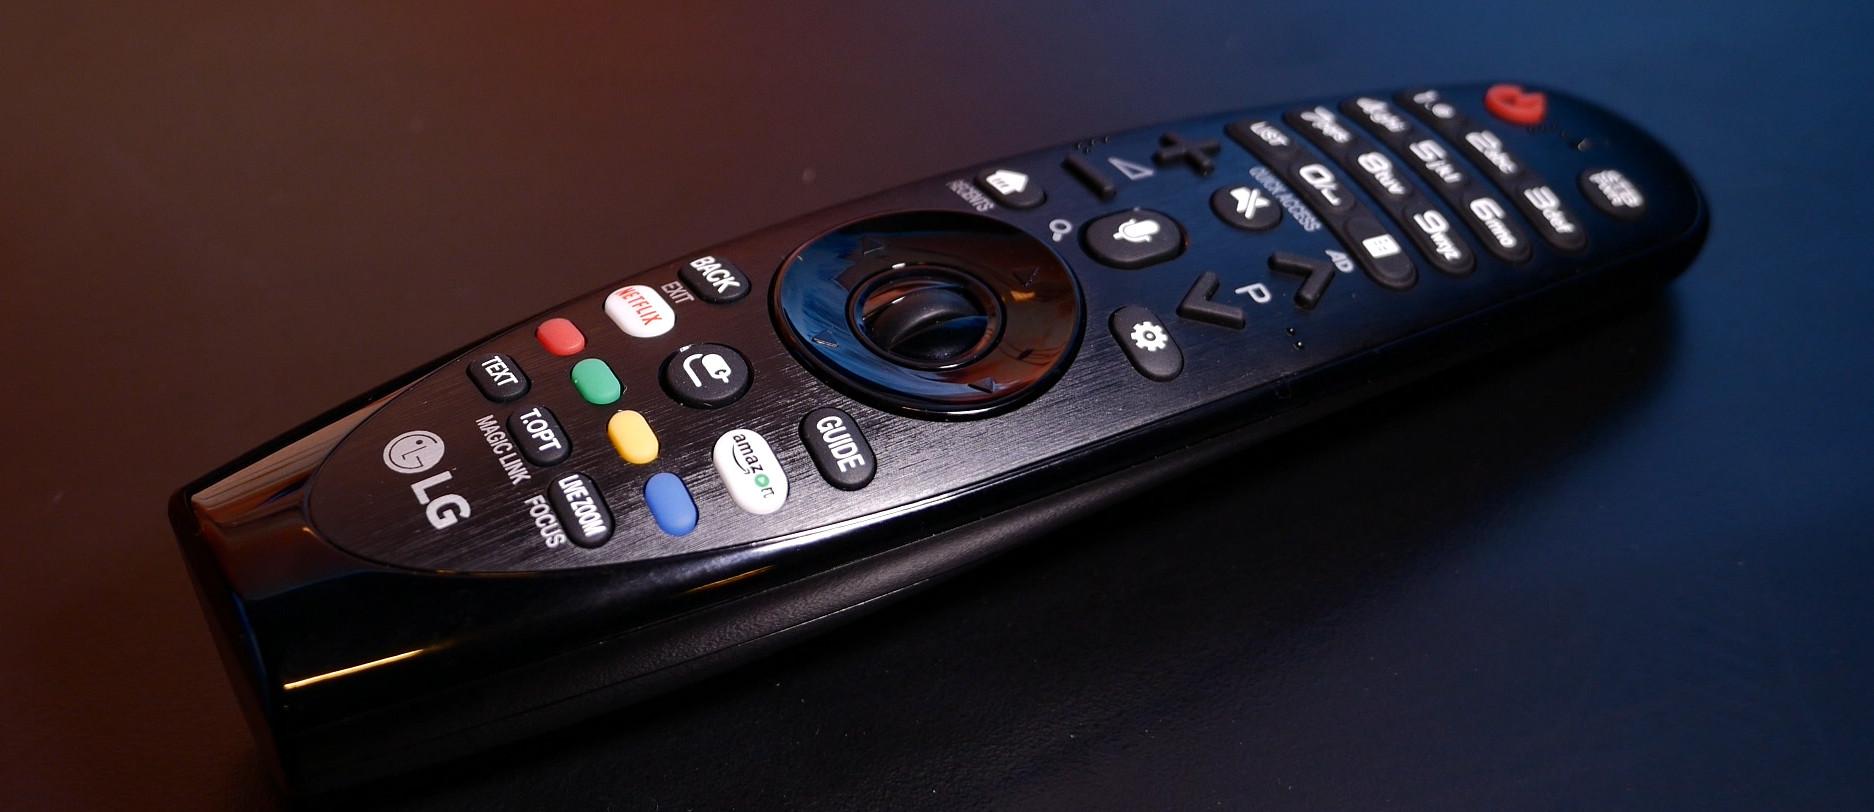 2018 lg magic remote user manual